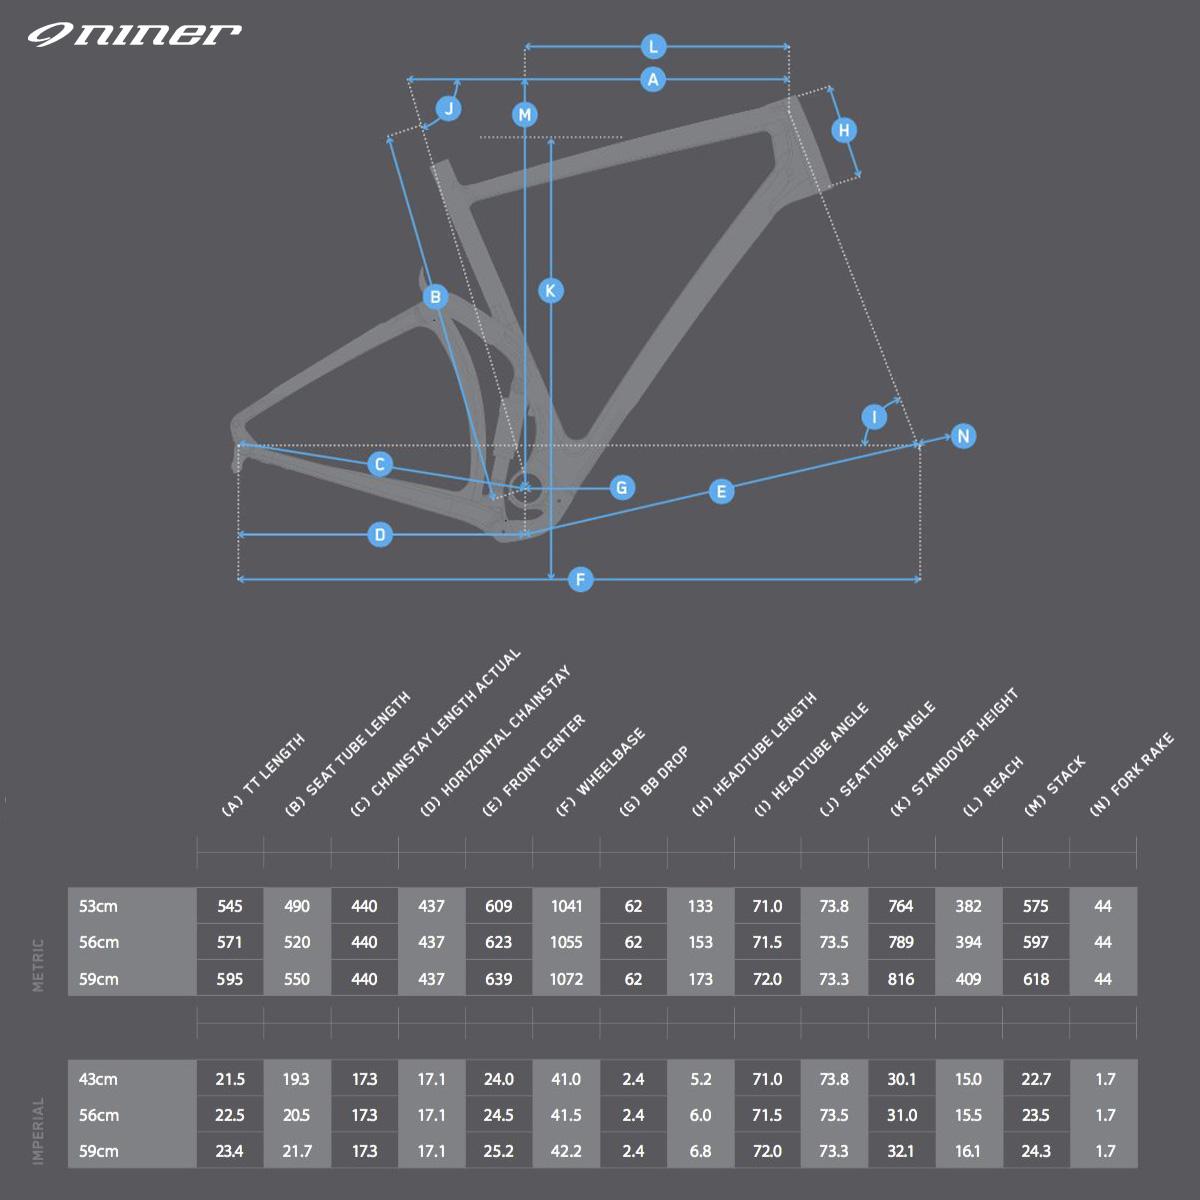 La tabella con le misure e le geometrie della bici gravel full suspended Niner MCR 9 RDO 2021